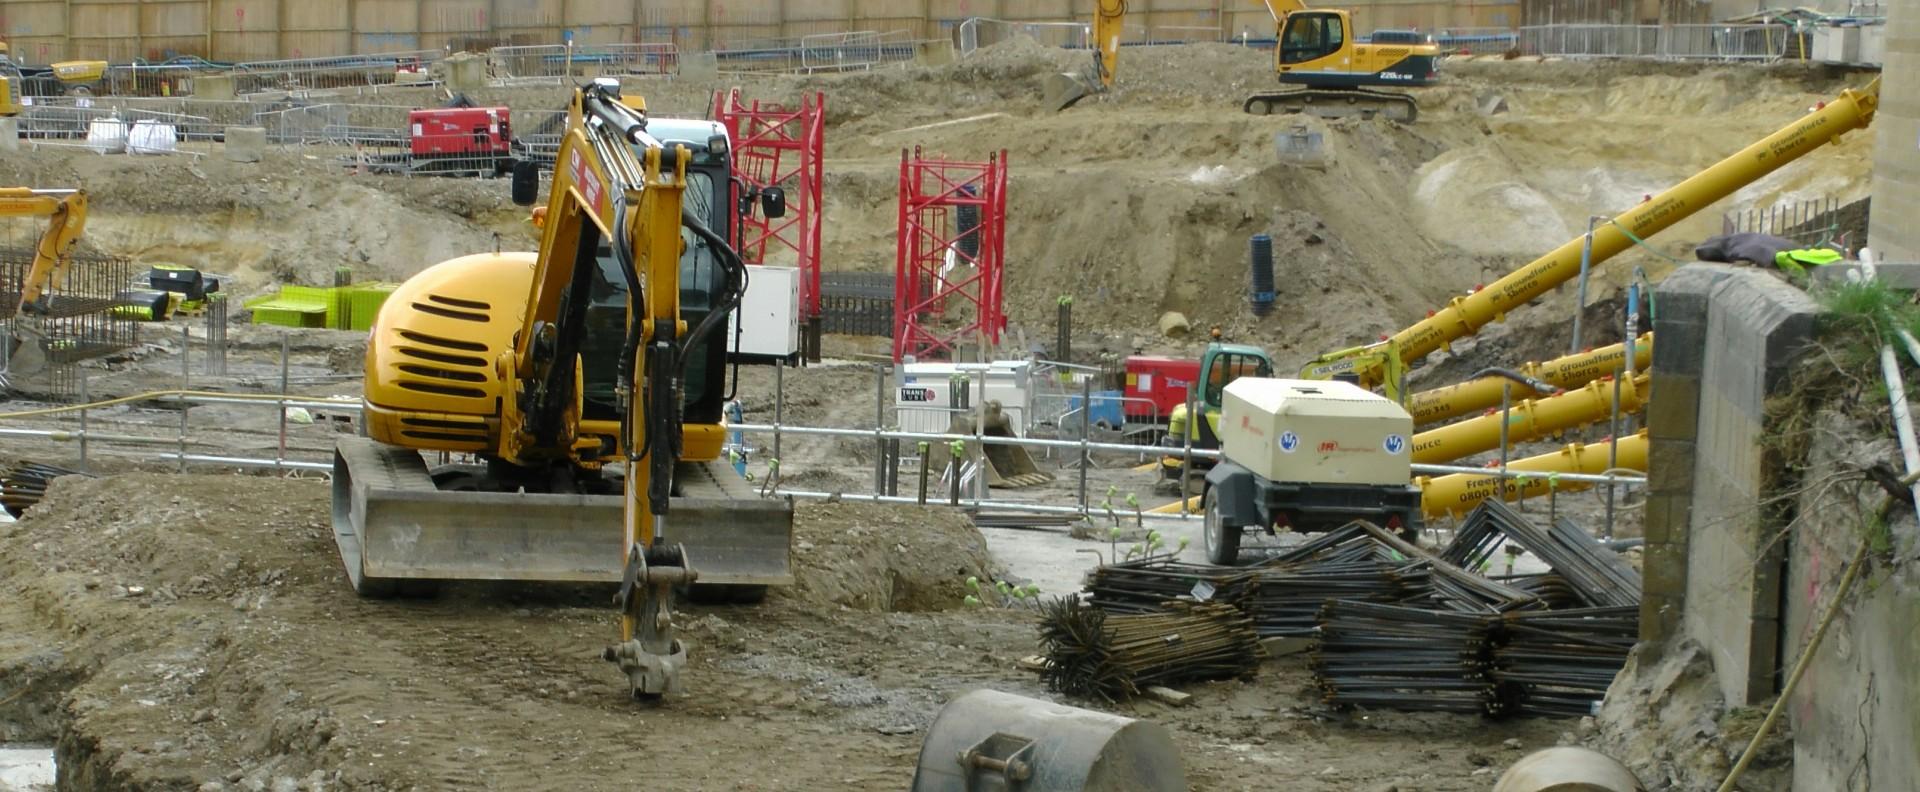 Numărul autorizaţiilor de construire pentru clădiri rezidenţiale a scăzut cu 15% în primele cinci luni